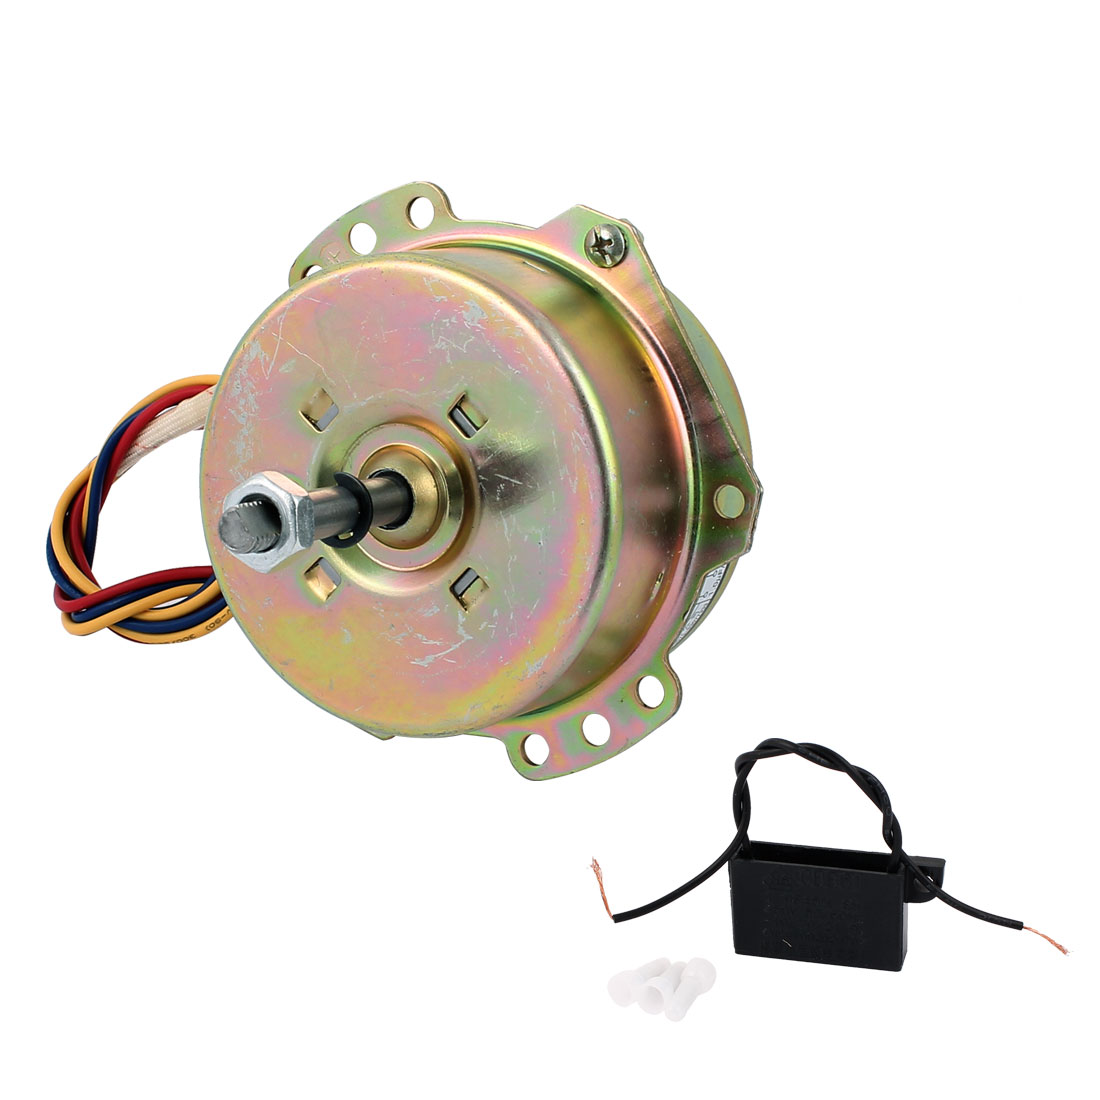 AC 220V 0.14A 10W 1250RPM 8mmx45mm Home Electric Ventilator Fan Motor